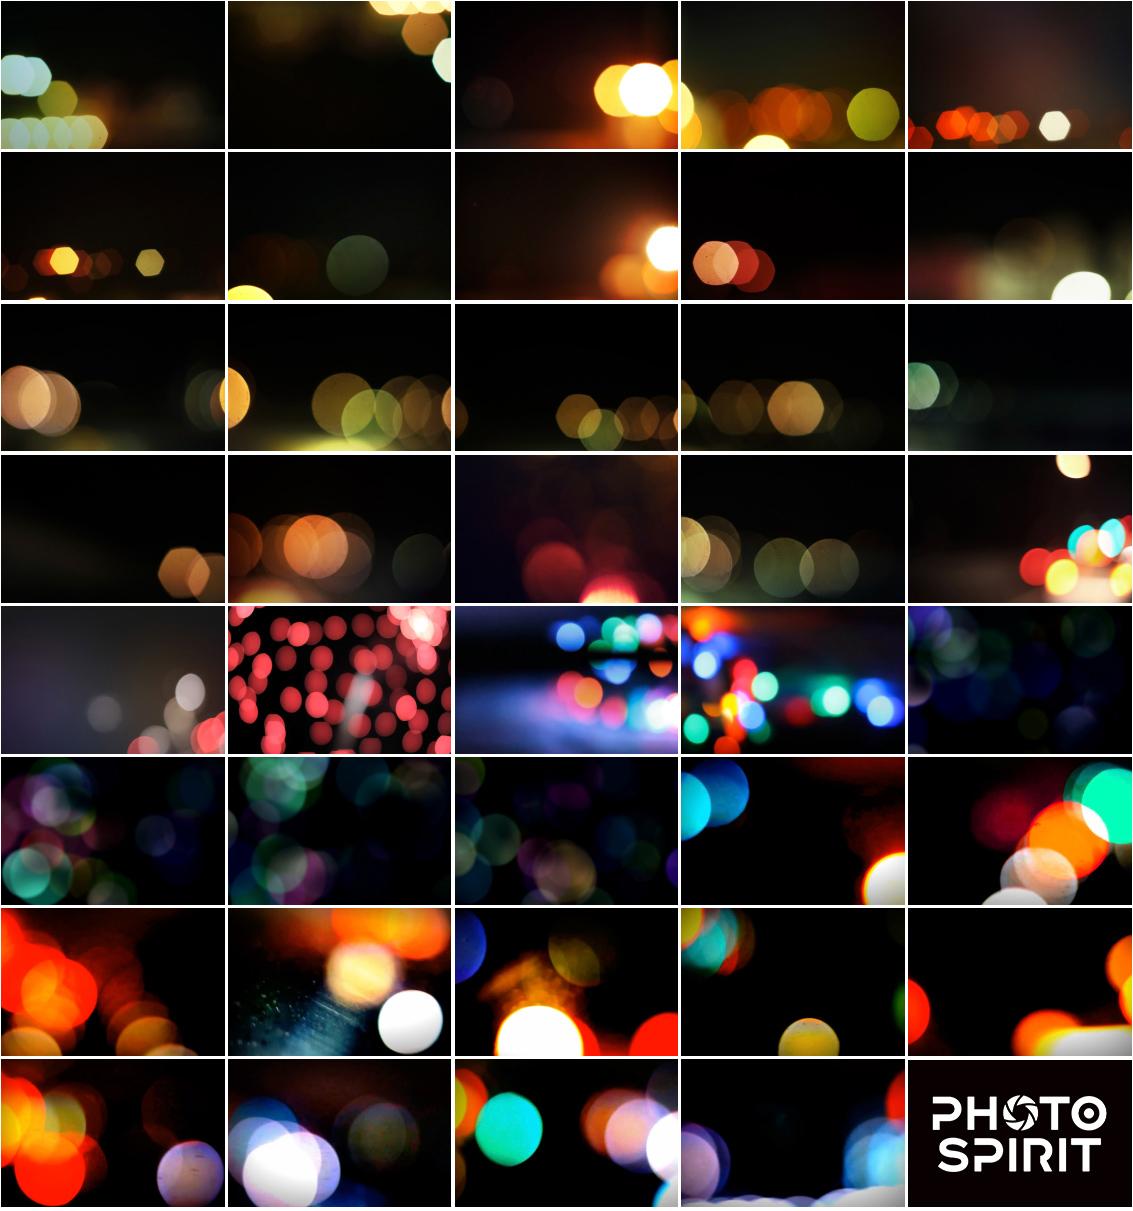 Add Bokeh Overlay Photoshop Actions example image 8